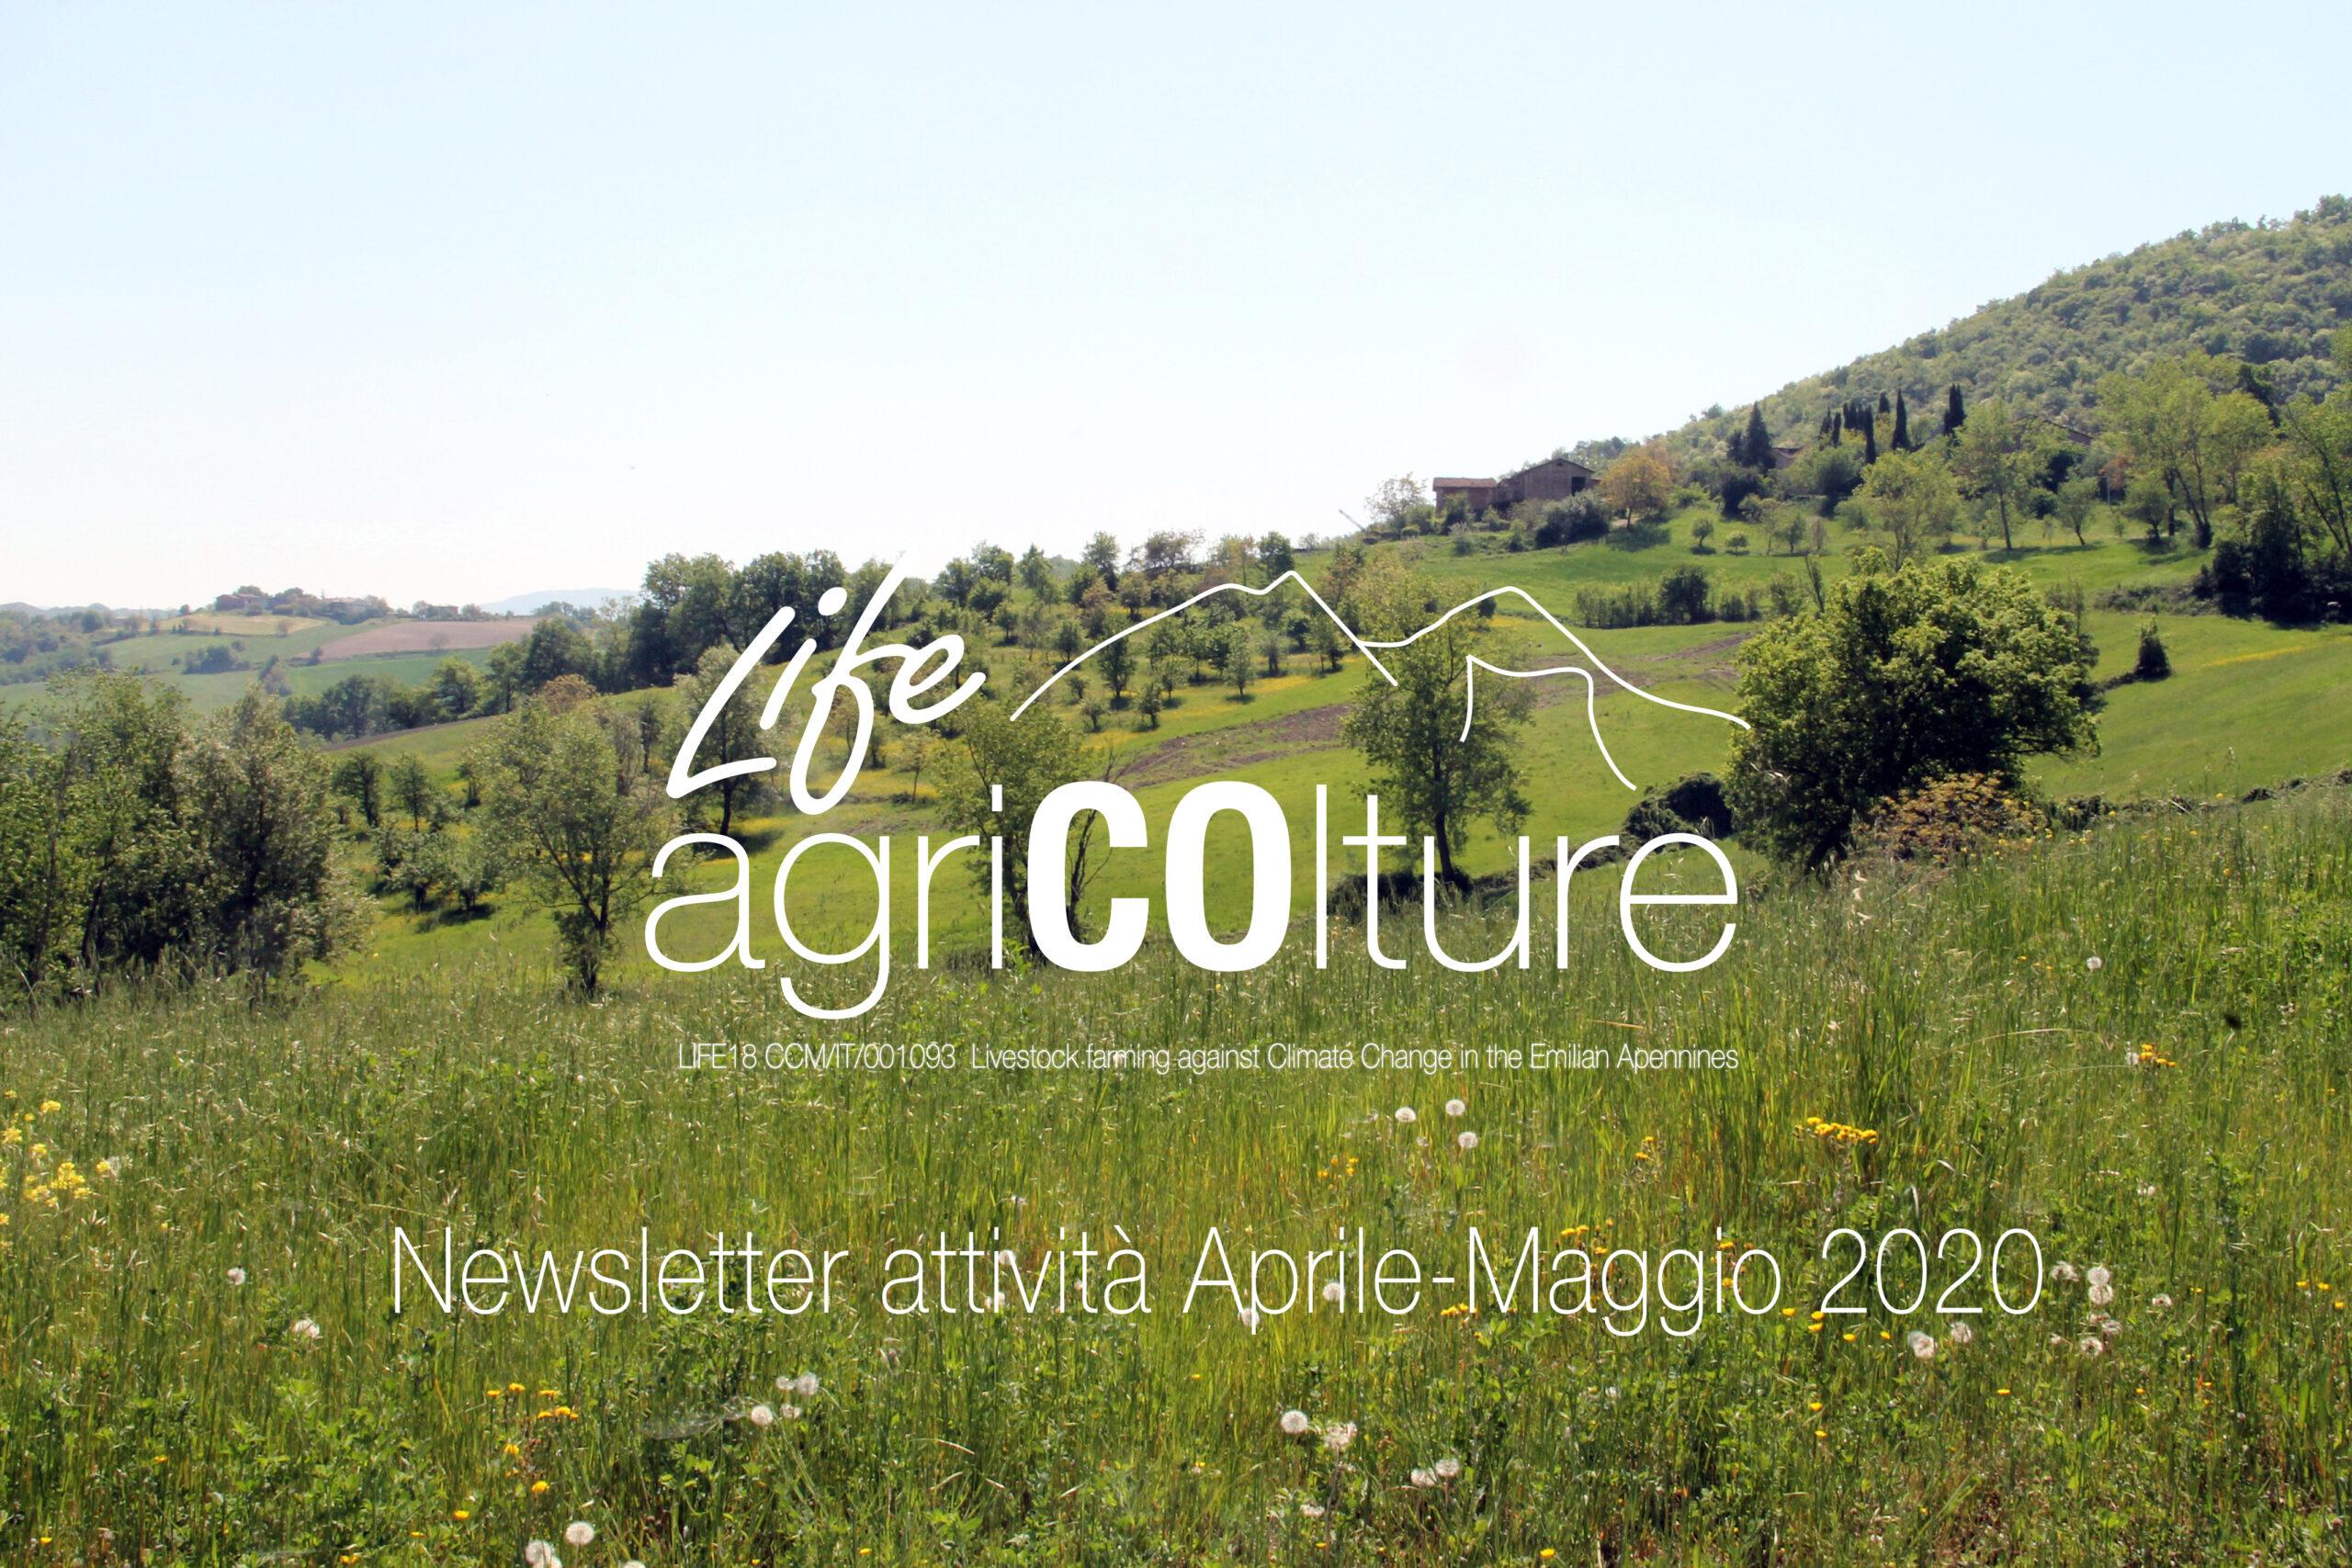 life agricolture consorzio bonifica emilia centrale agricoltura sostenibile